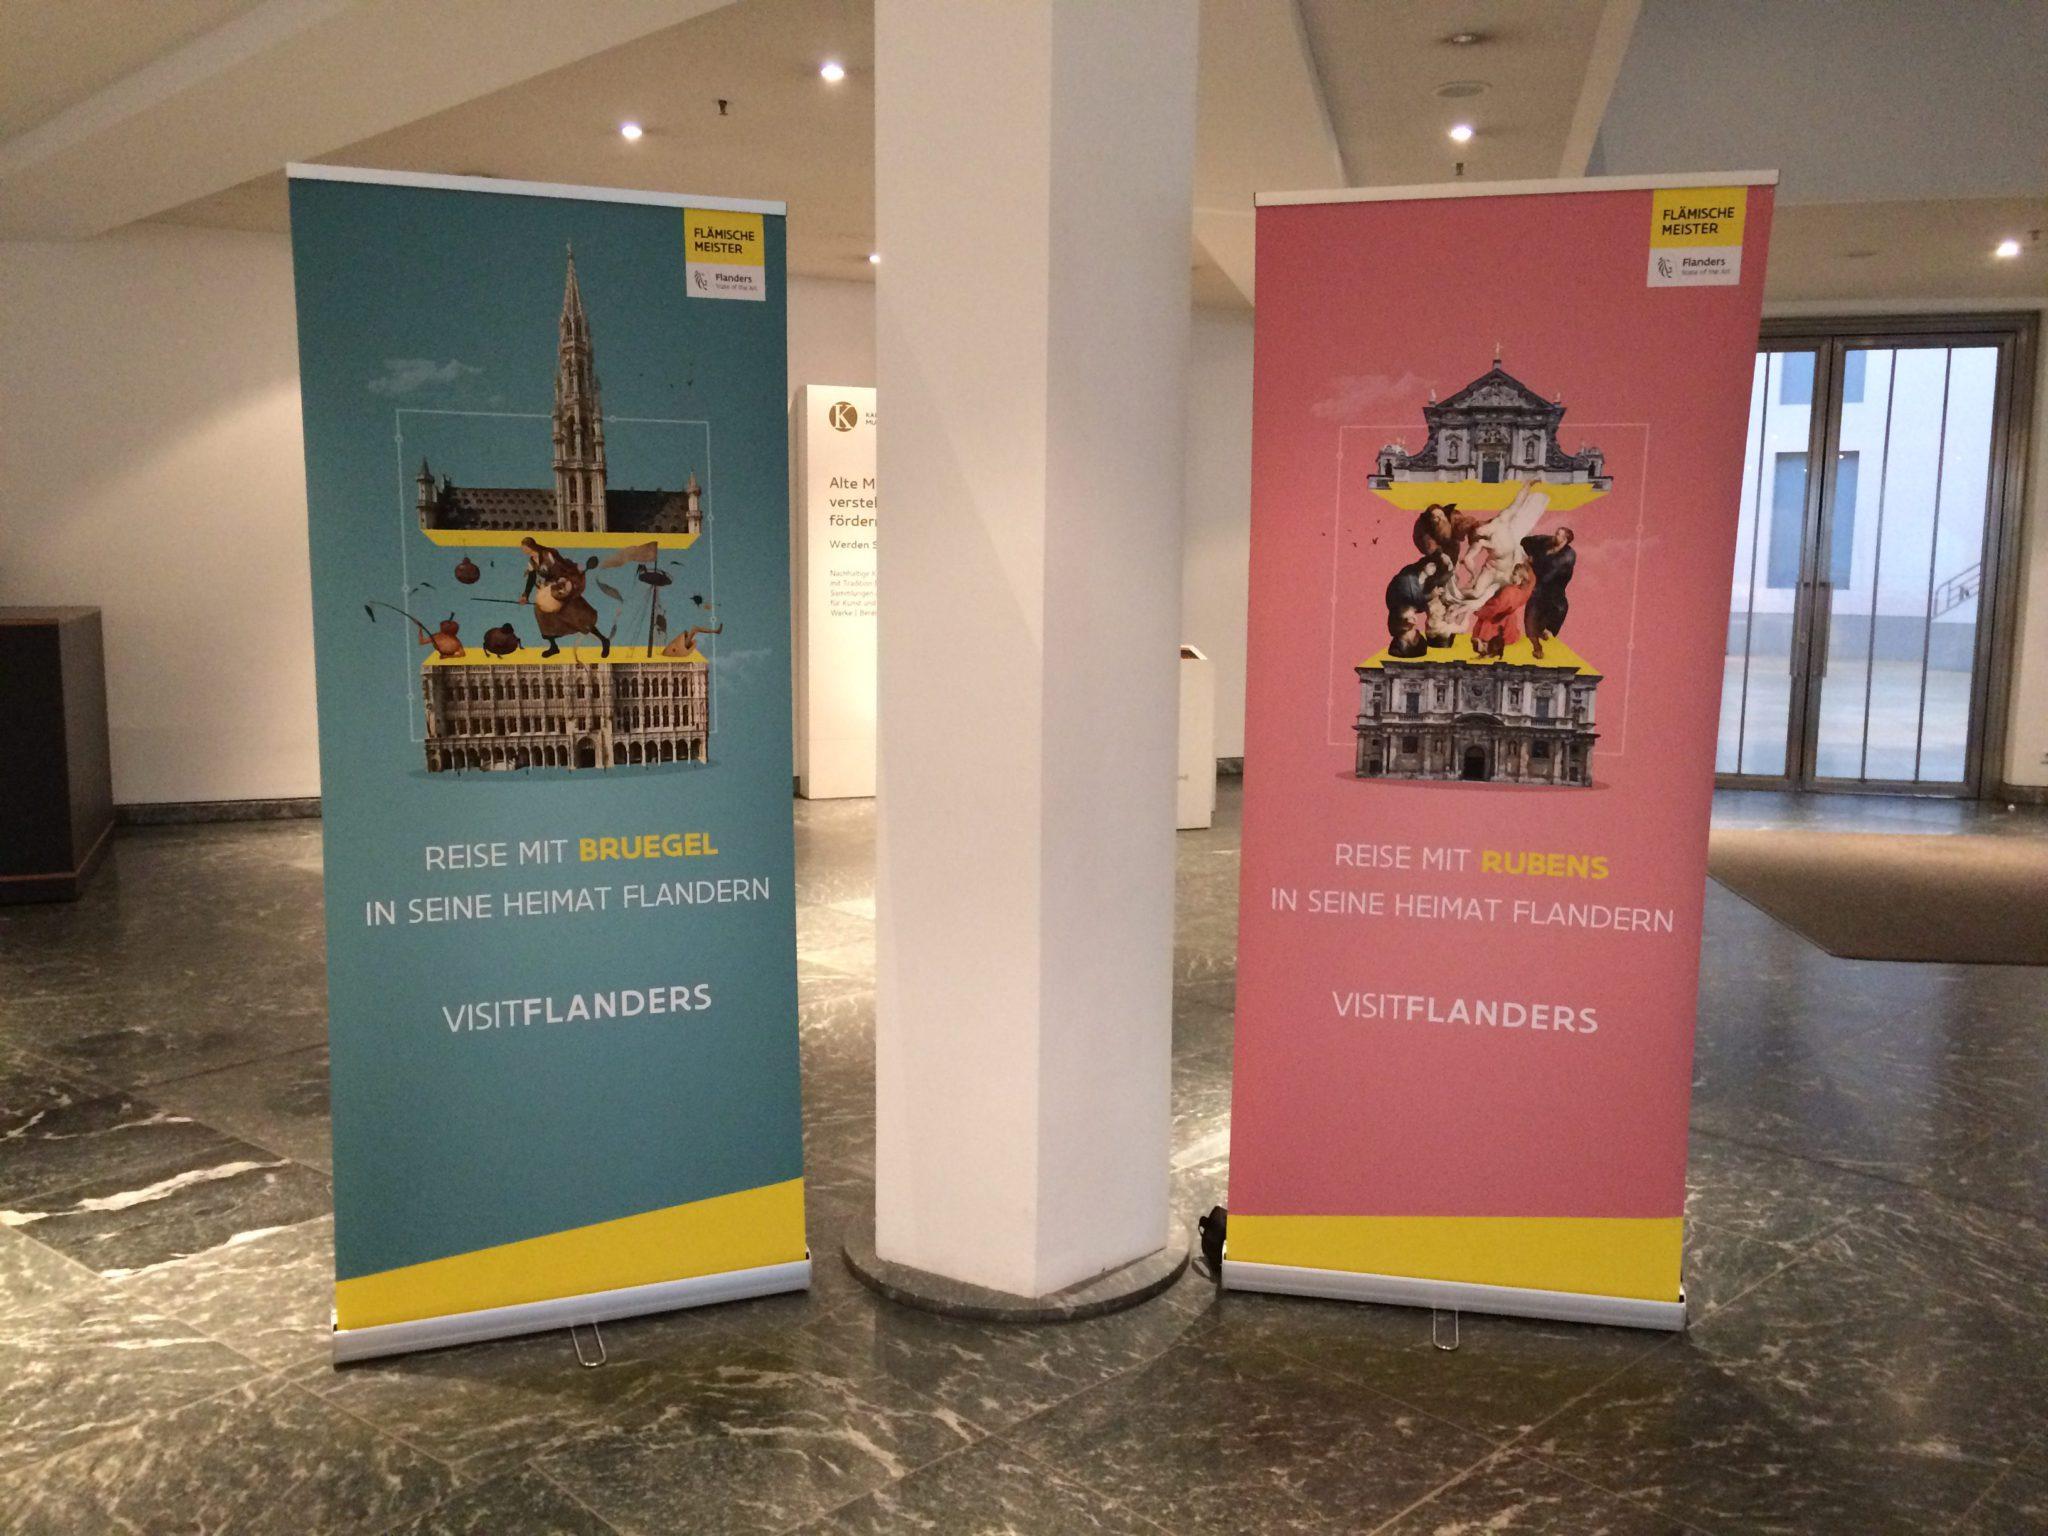 Vlaamse-Meesters-workshop-BC-Toerisme-Vlaanderen-Berlijn-Frankfurt-Sep181 Vlaamse Meesters workshop B&C Toerisme Vlaanderen Berlijn & Frankfurt Sep18